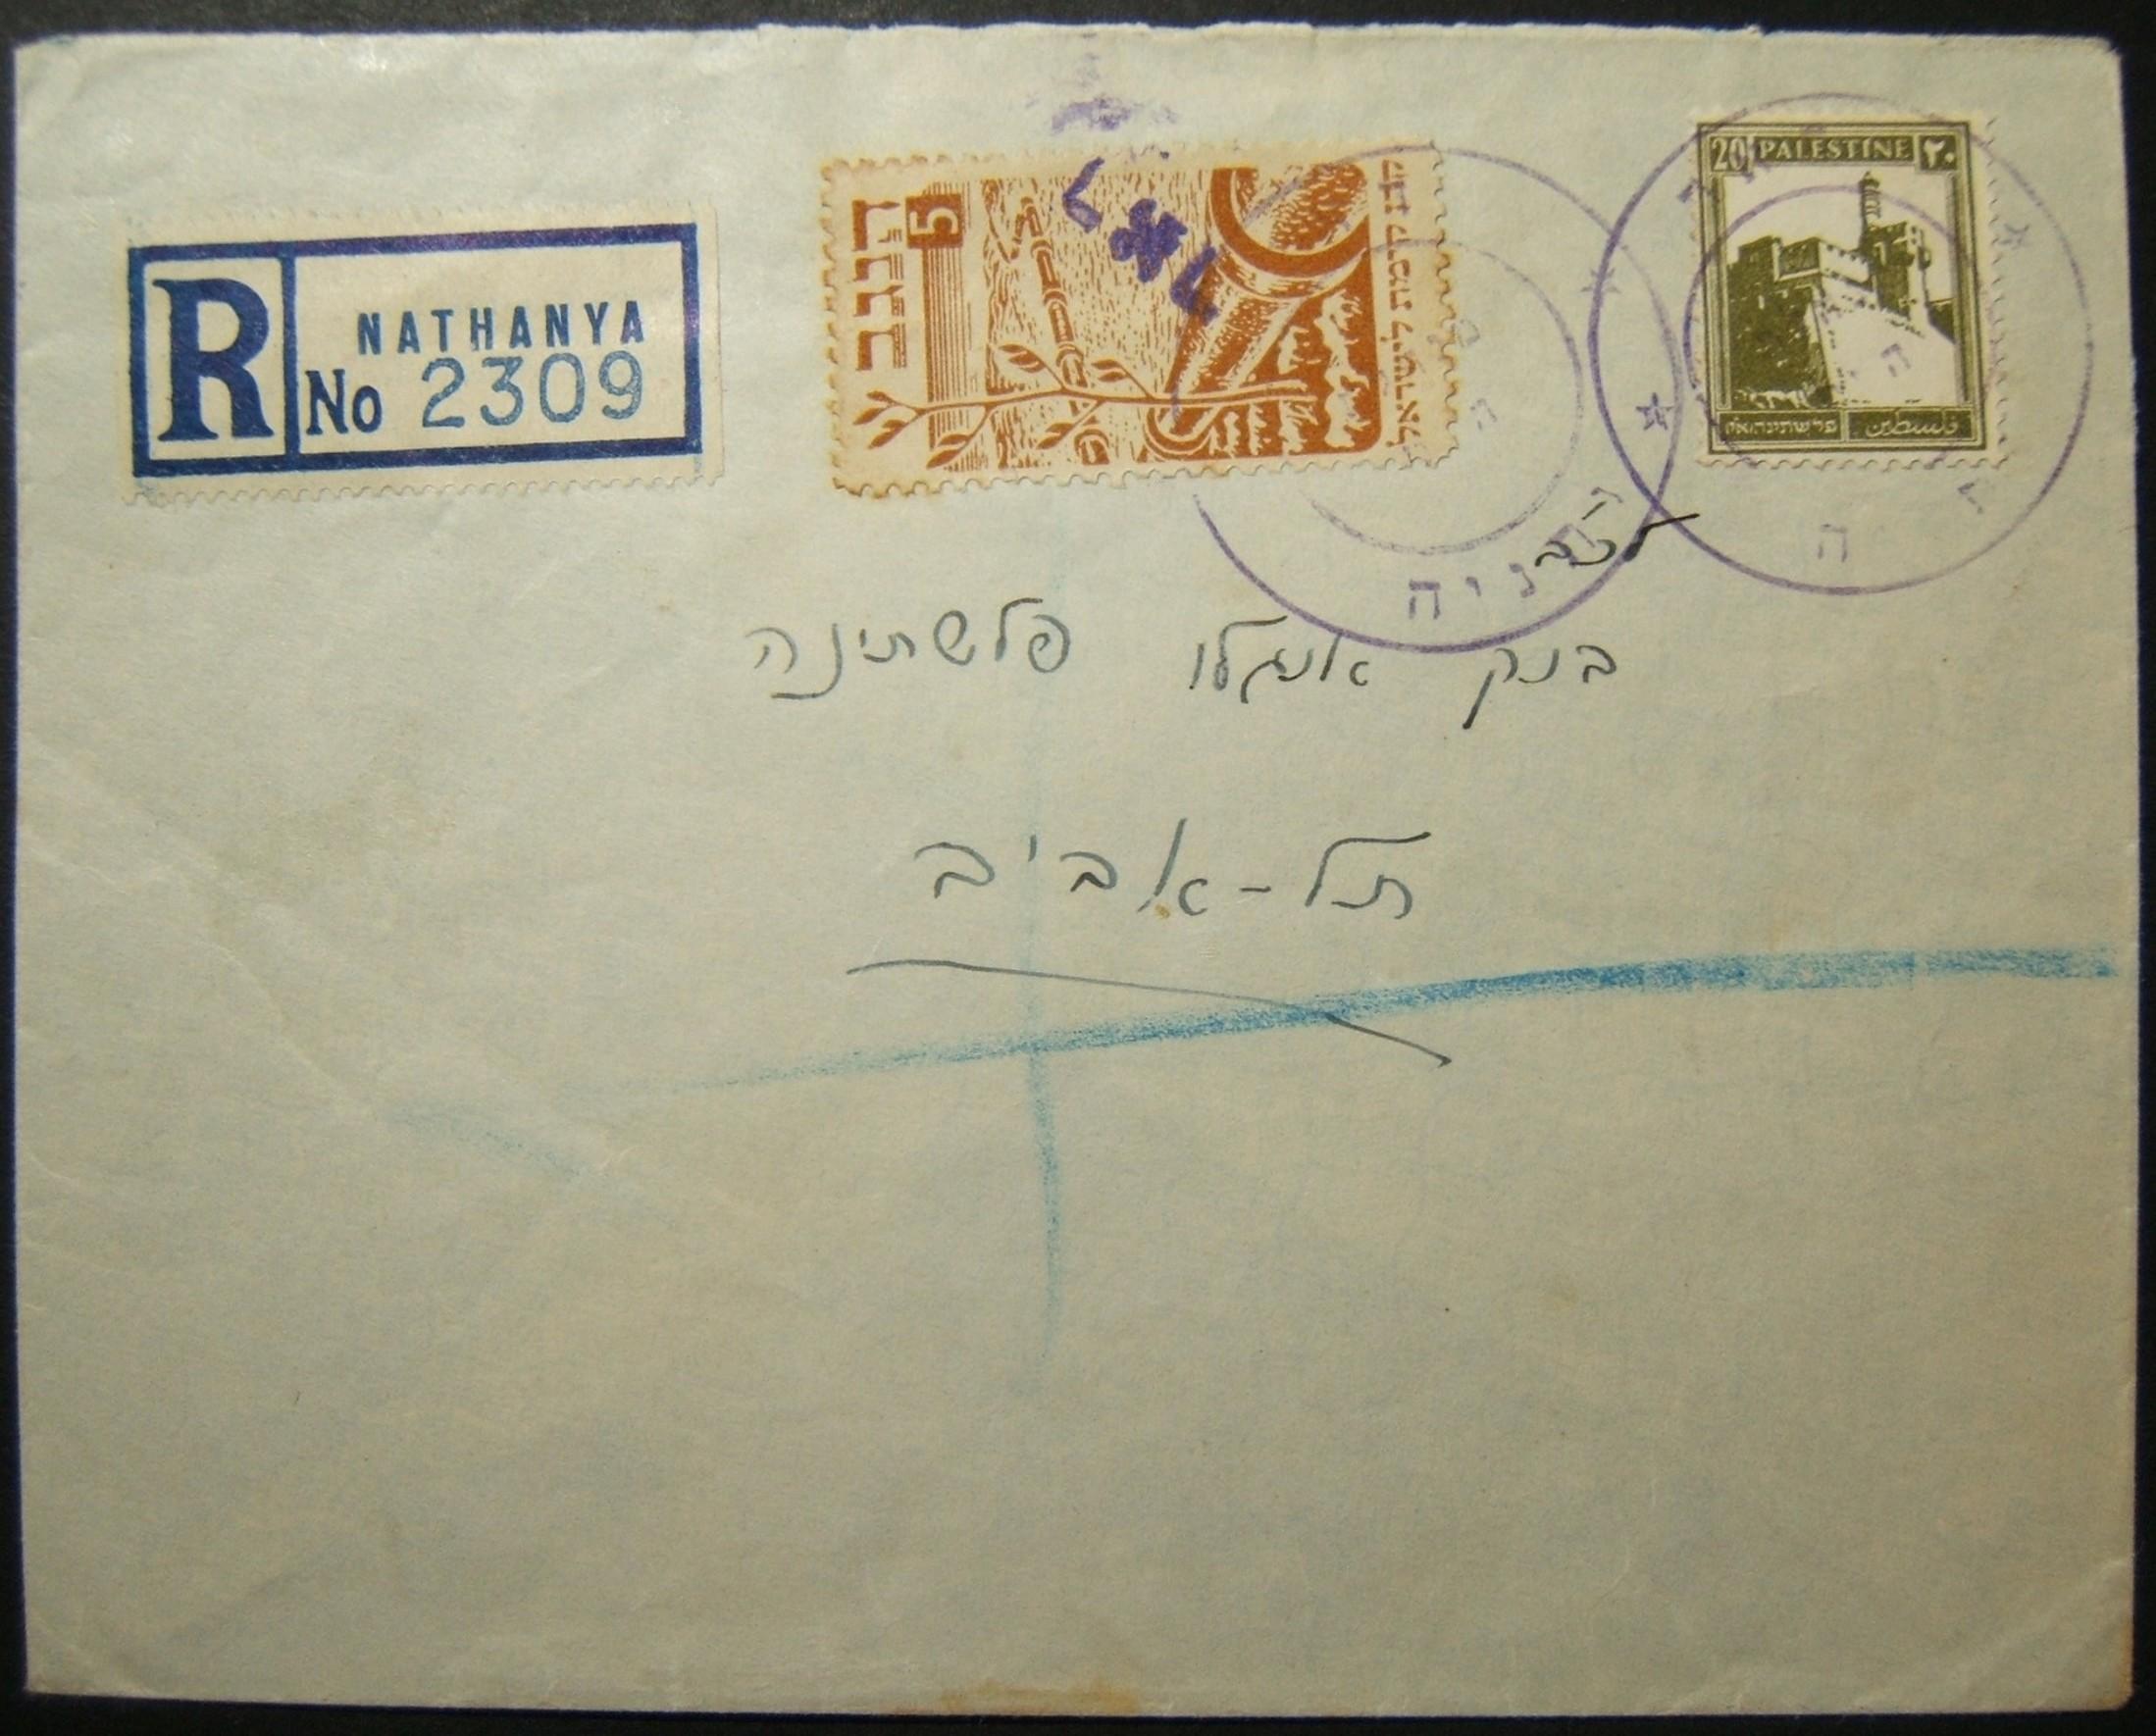 1948 דואר ביניים מנתניה לתל אביב עם סימני דואר ביניים ומנדט